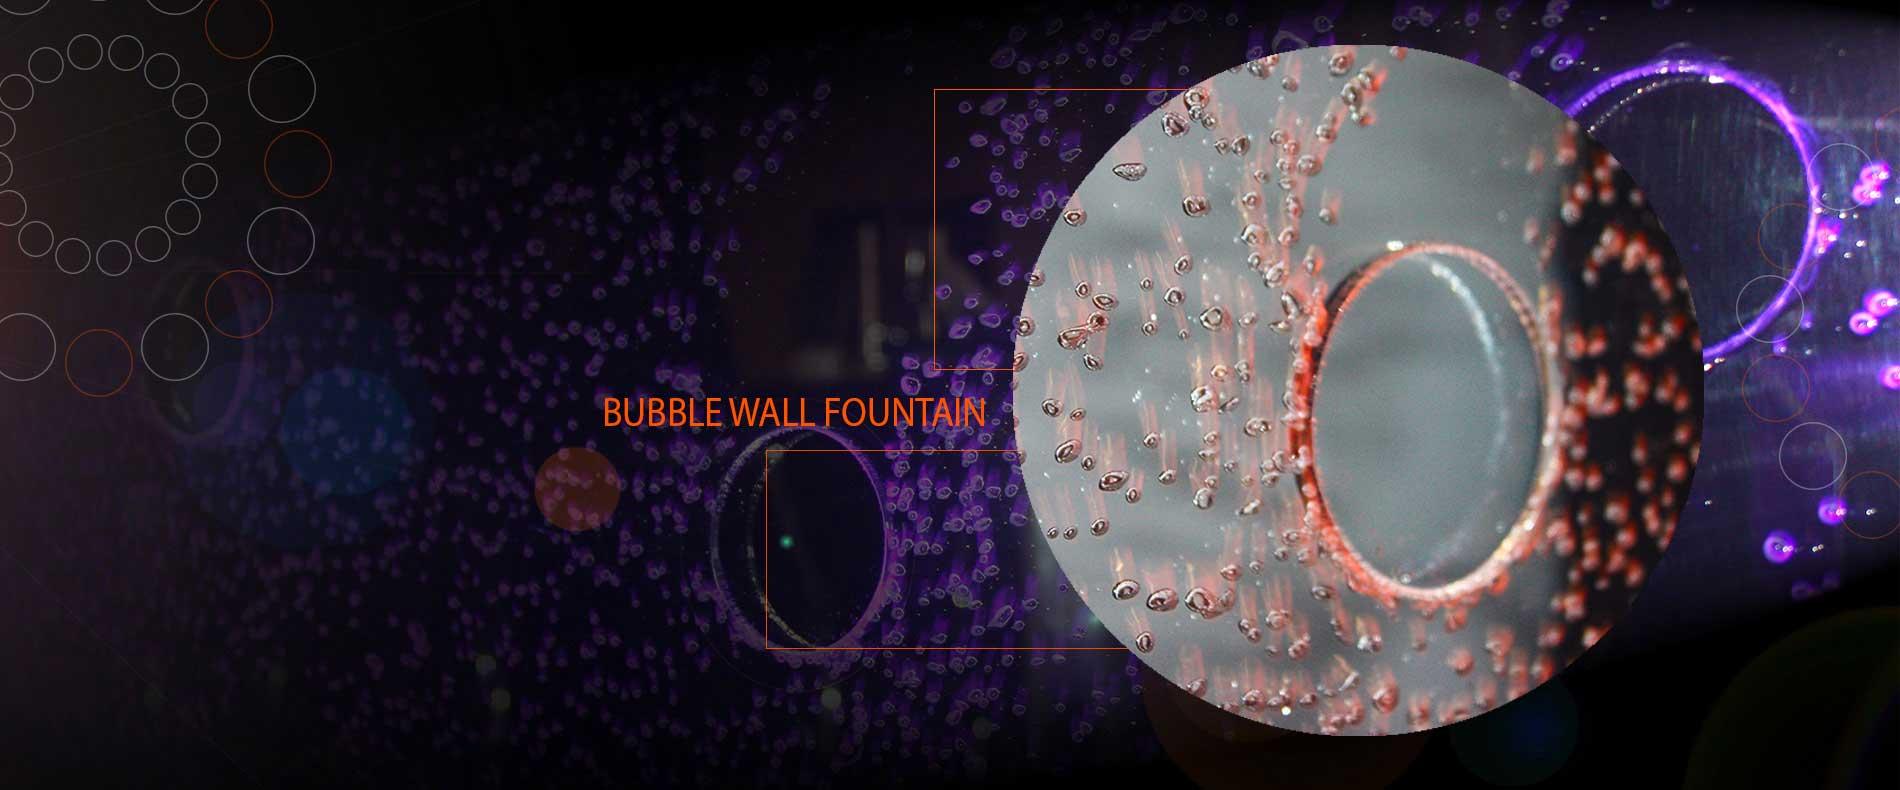 حبابنما-آب-آرا-پنل-نورپردازی-